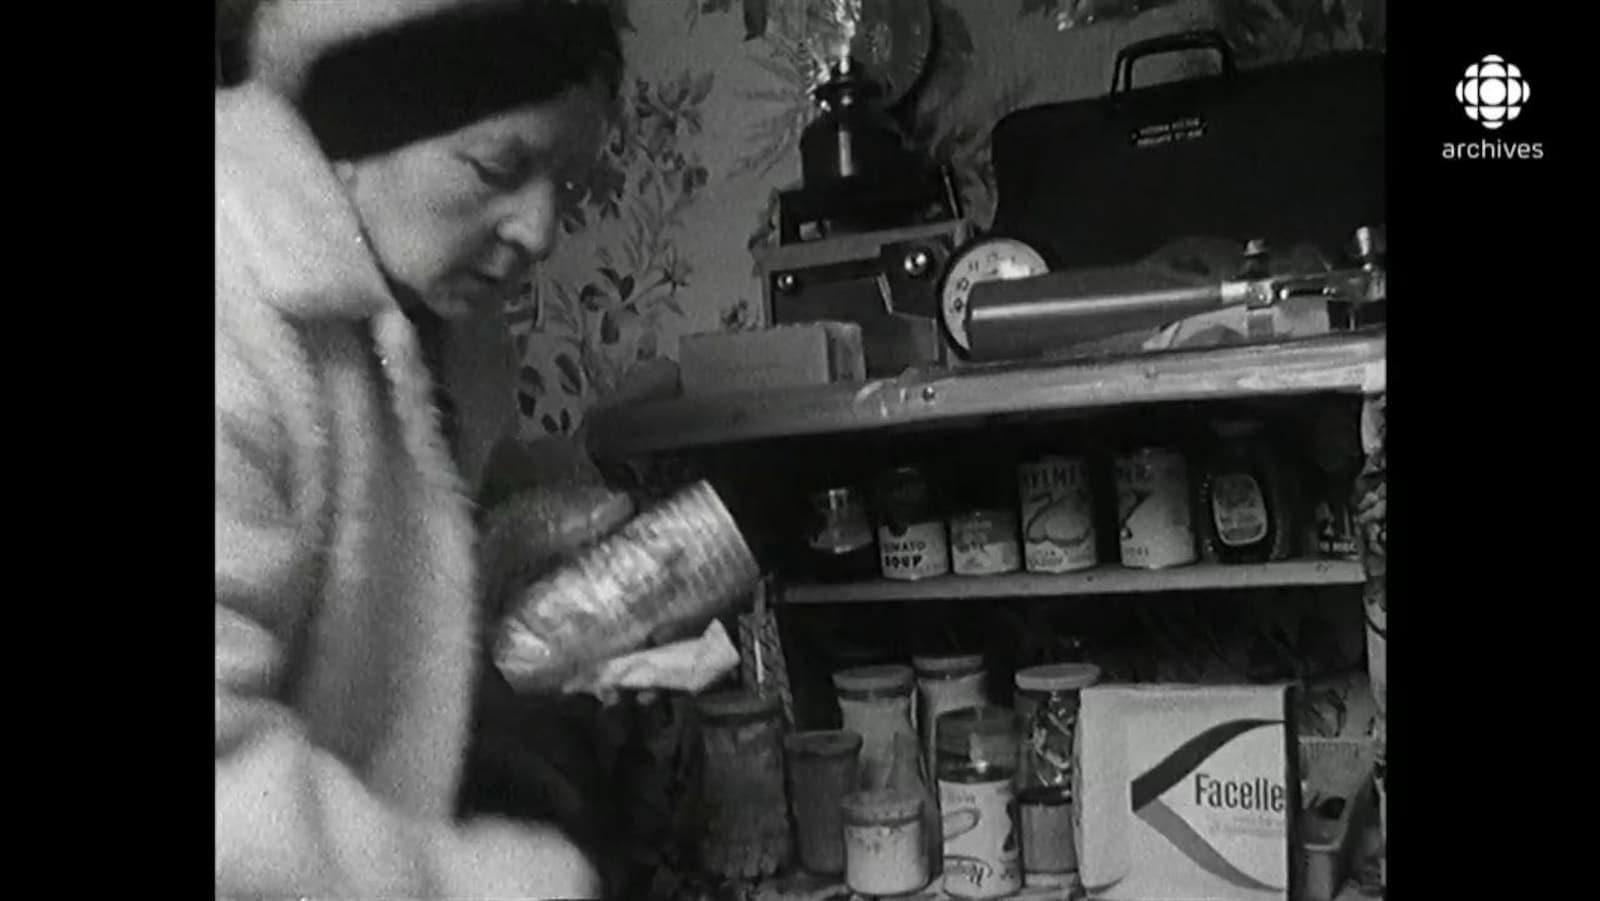 Femme chaudement habillée remplissant les tablettes de conserves de son abri antinucléaire